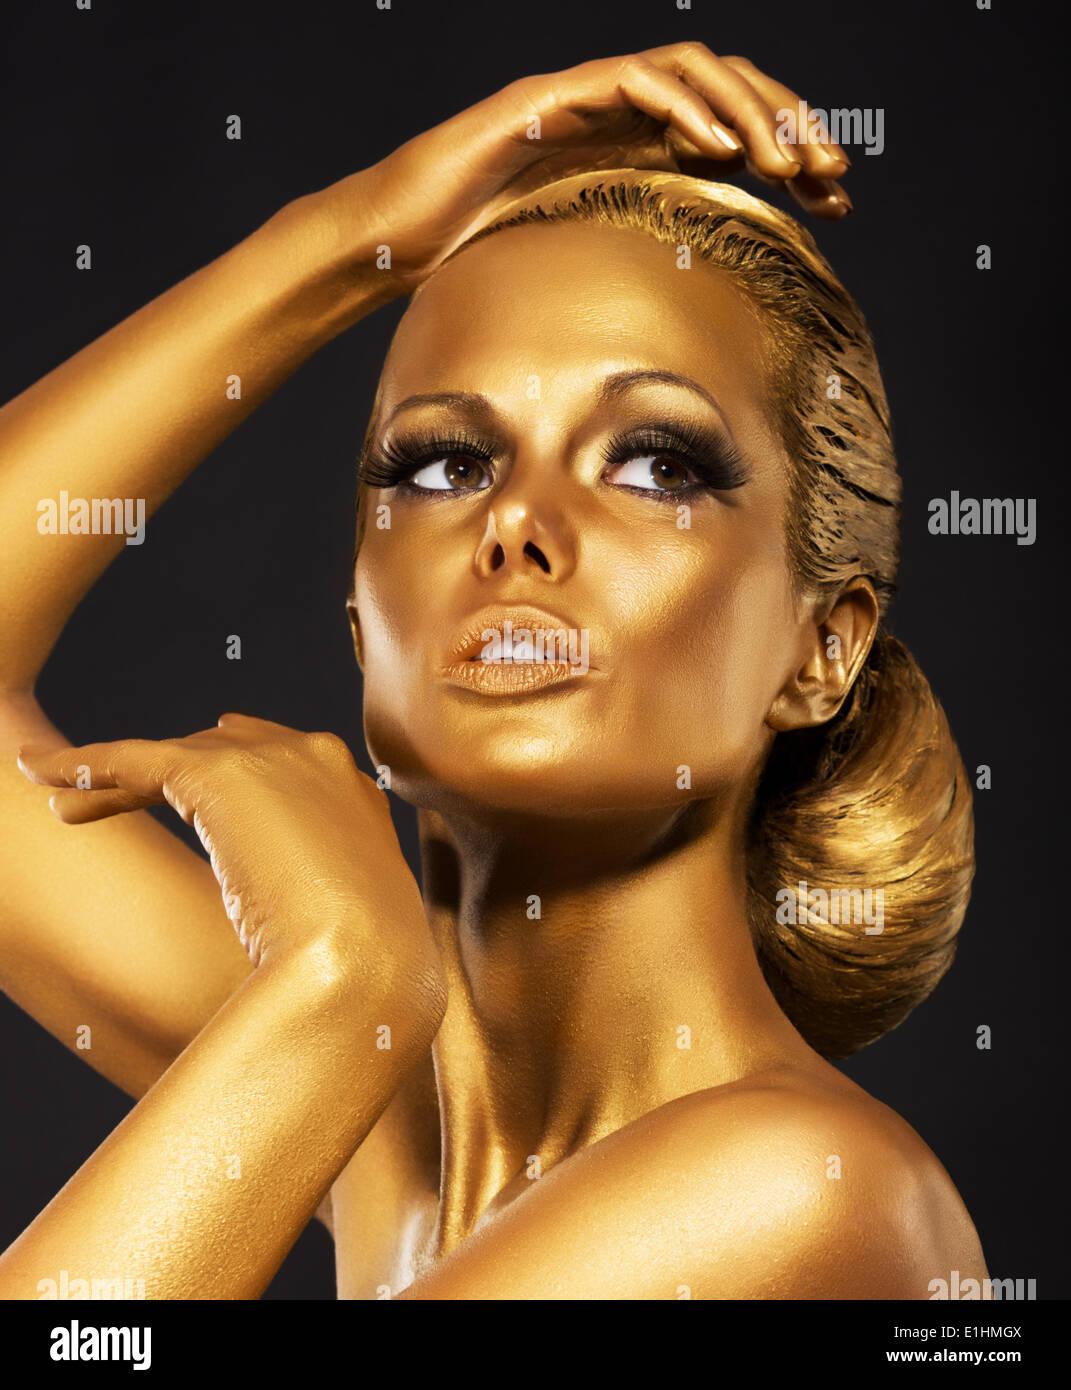 Überlegung. Portrait von glänzenden Frau mit leuchtend Goldene Make-up. Bronze Bodypaint Stockbild